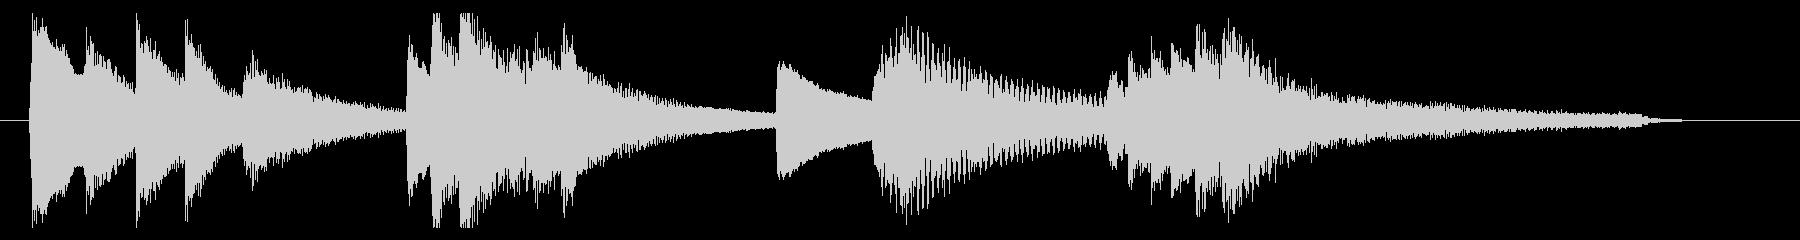 優しく穏やかなピアノのサウンドロゴの未再生の波形